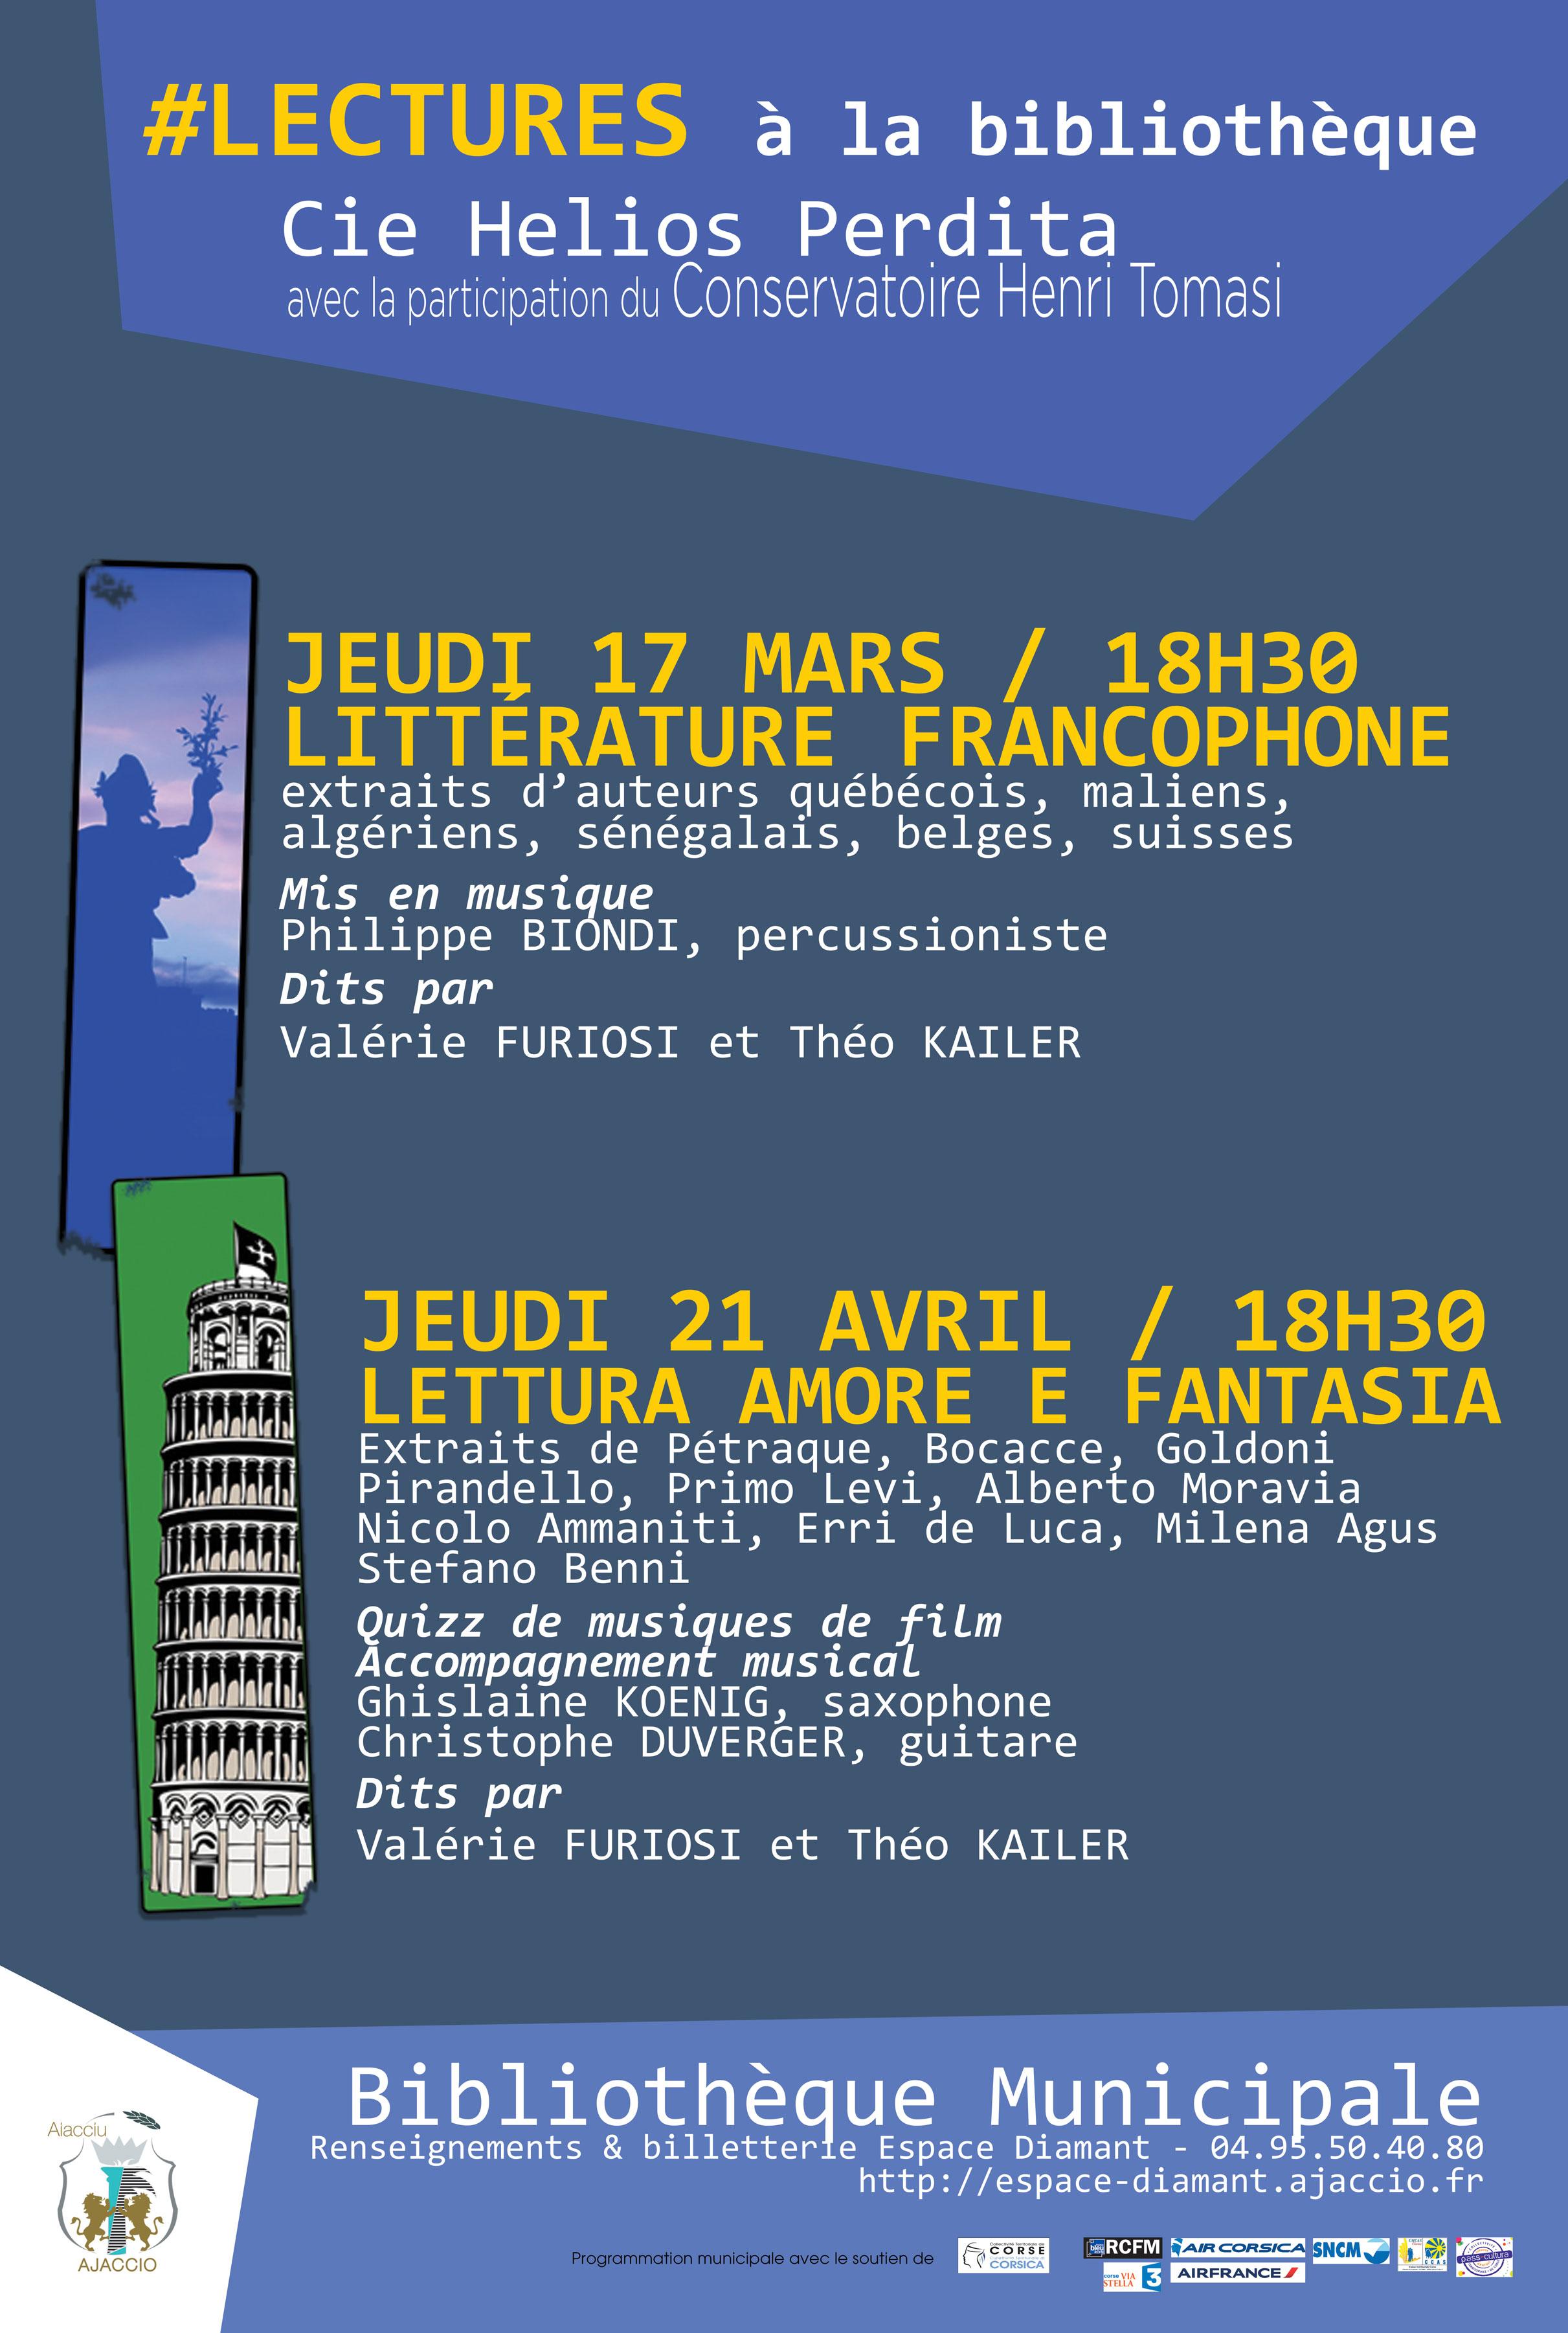 Jeudi 17 mars, 18h30 Lecture à la Bibliothèque : La littérature francophone